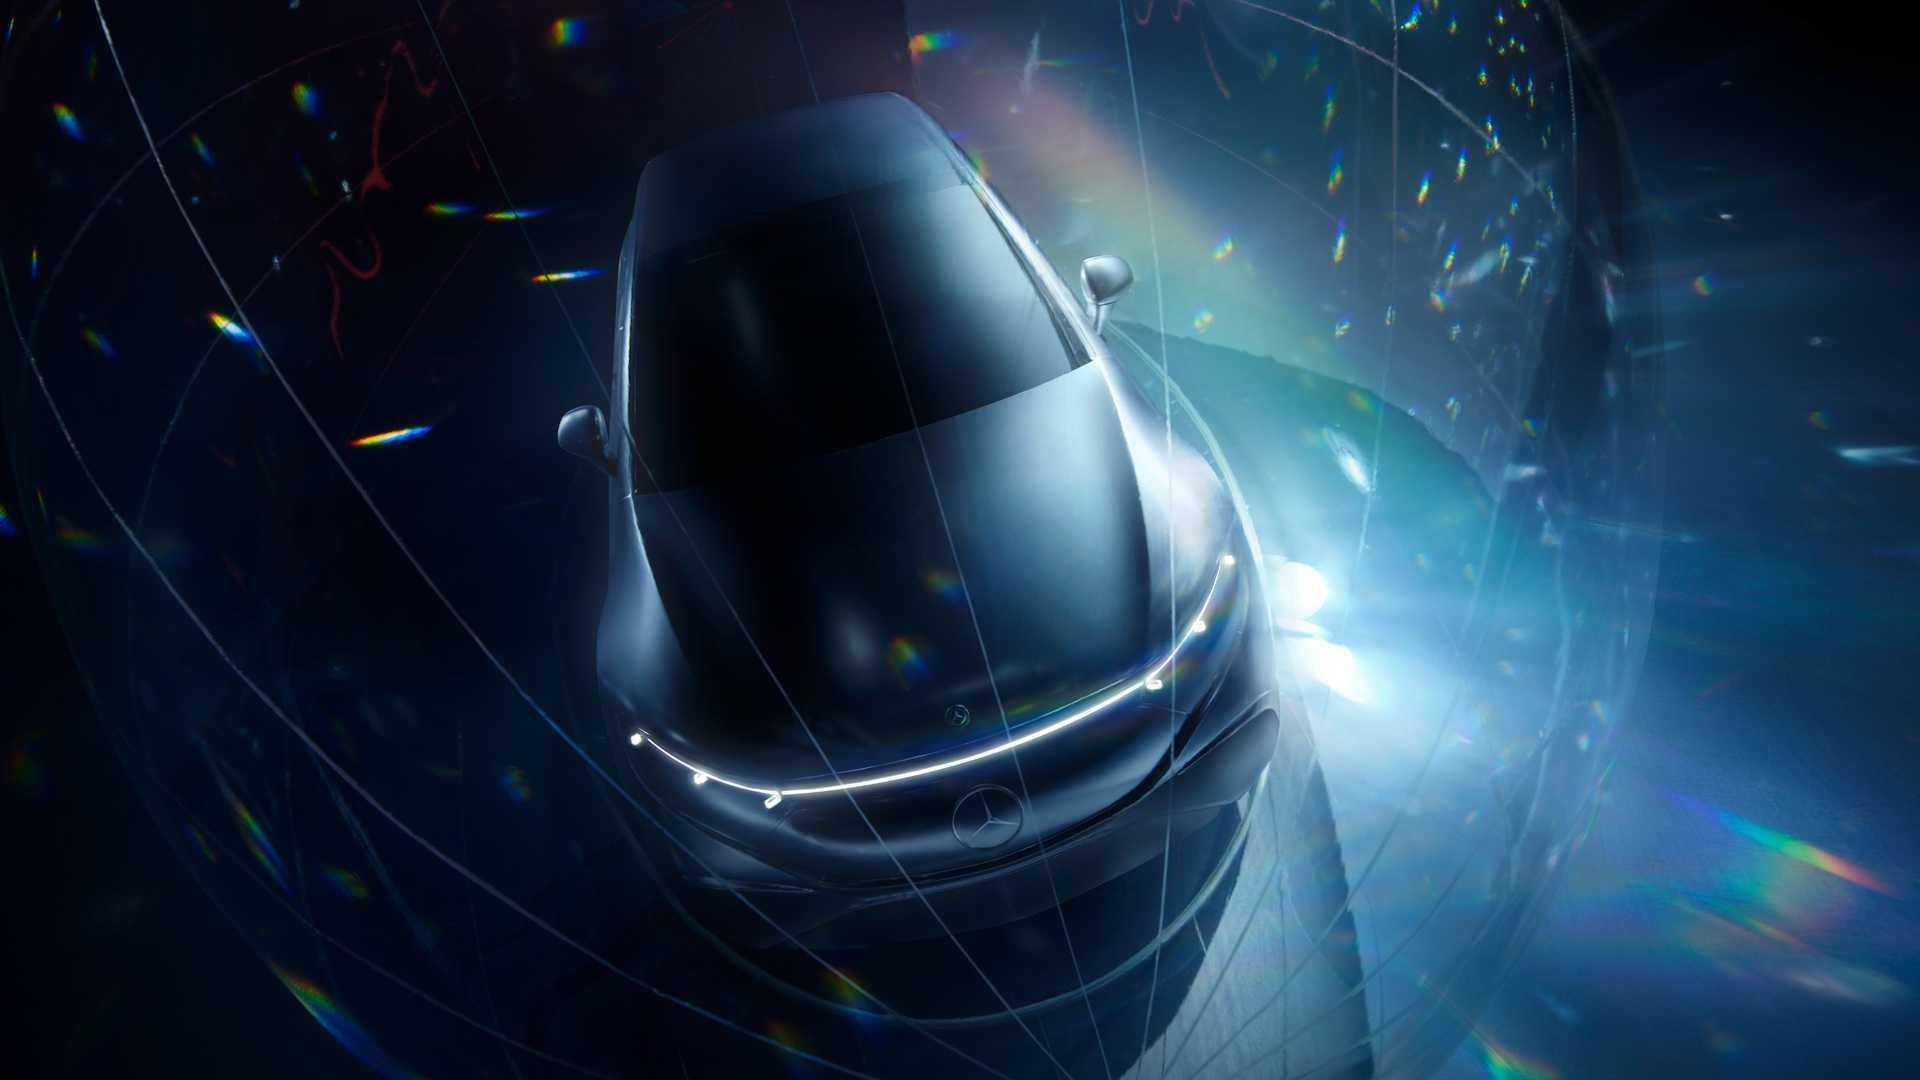 明年投产/新互动系统曝光奔驰新电动车预览图